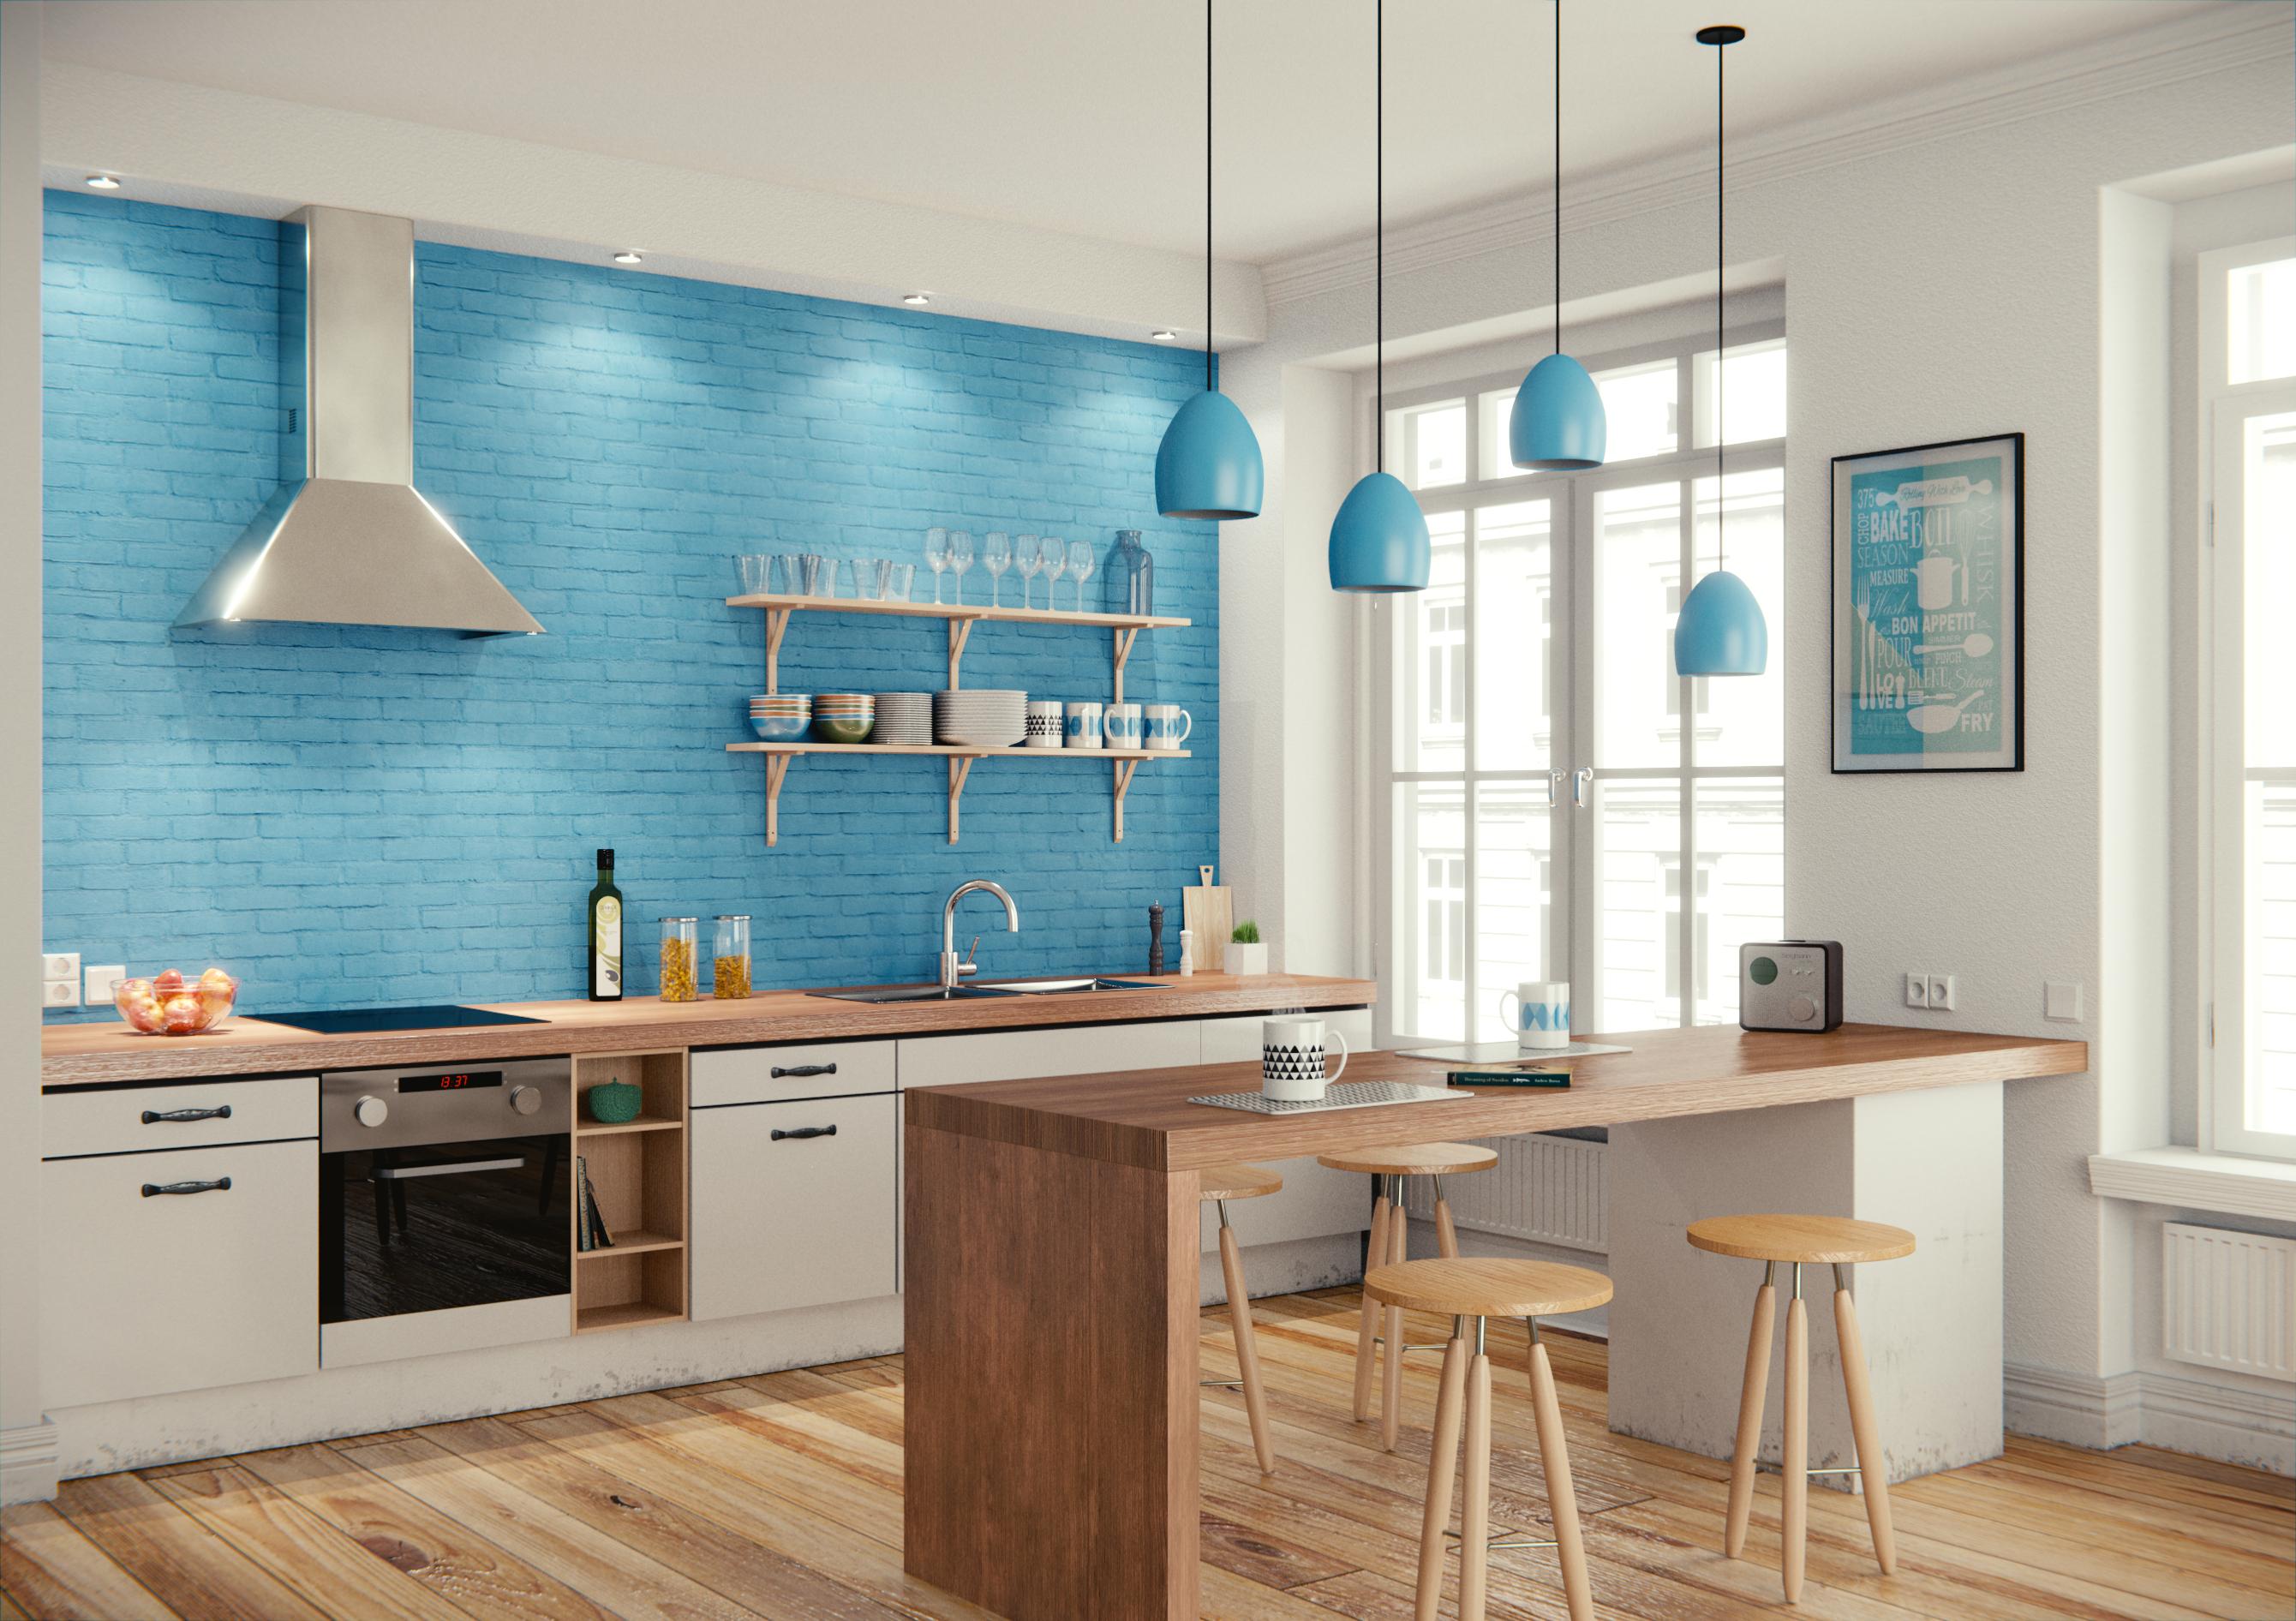 Kitchen IV by Schneckenhausmann on DeviantArt